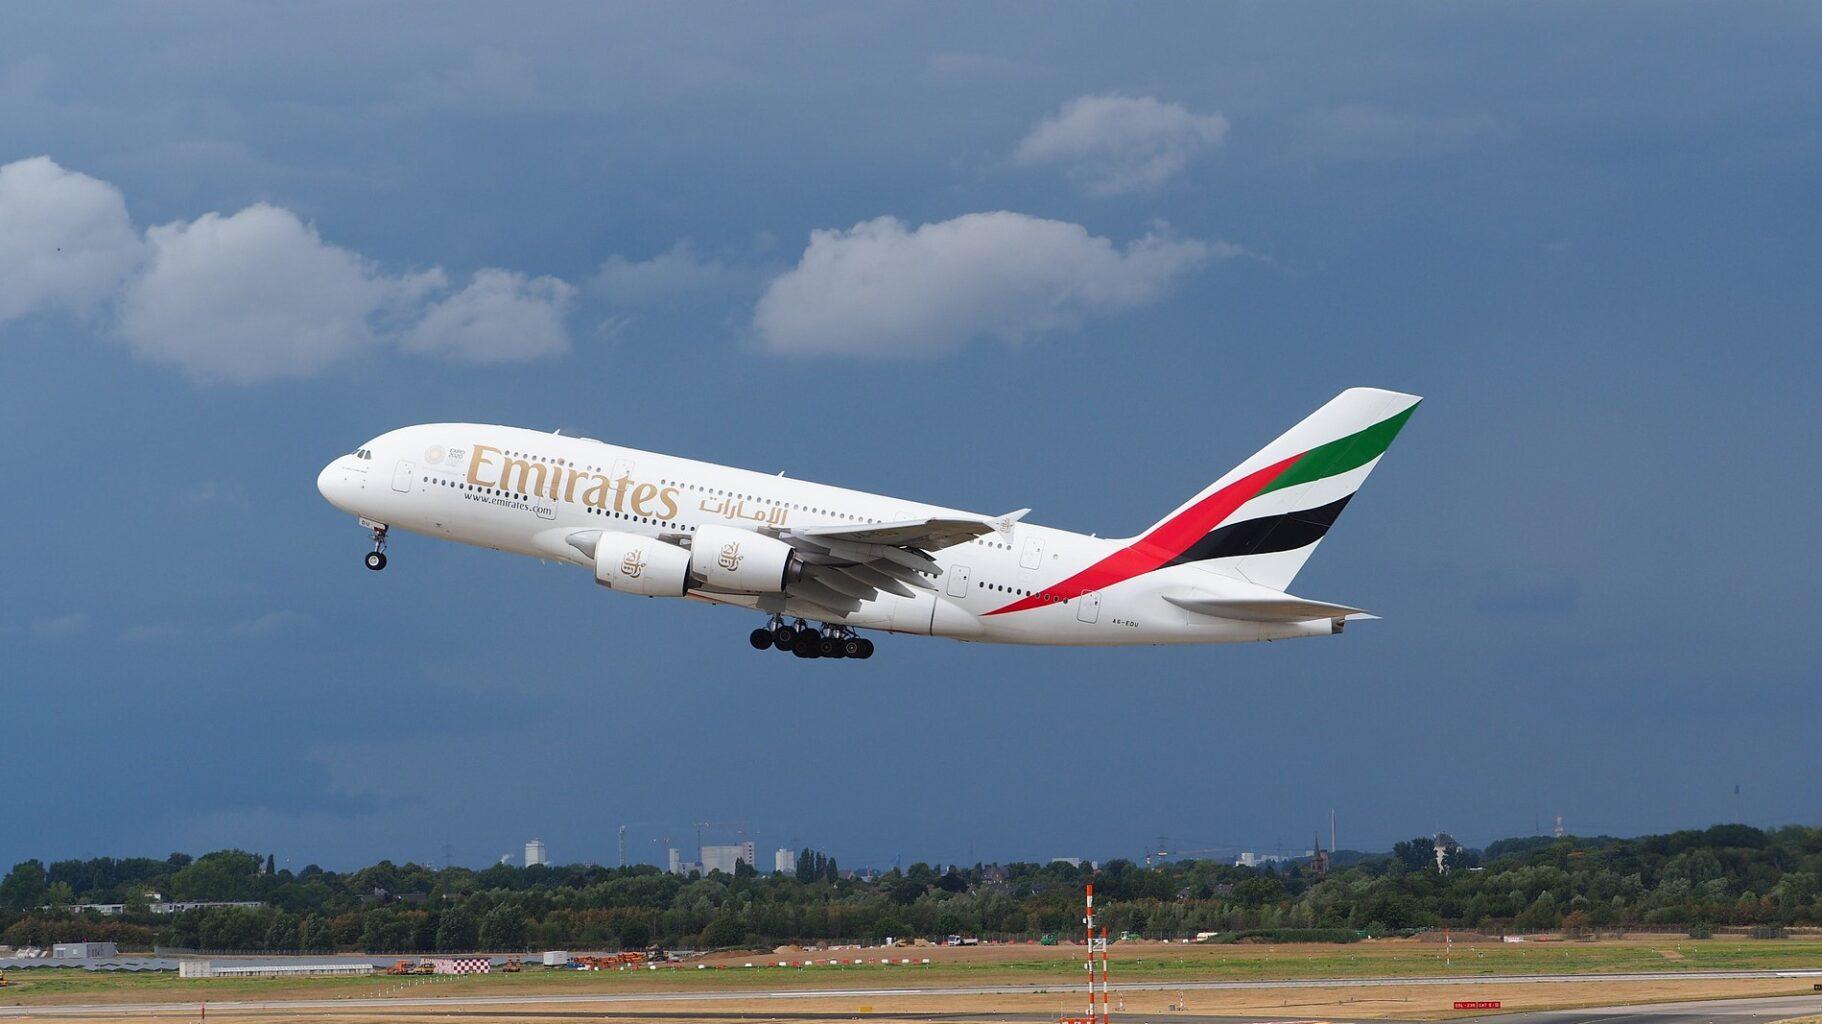 Verdens største fly er en Airbus A380